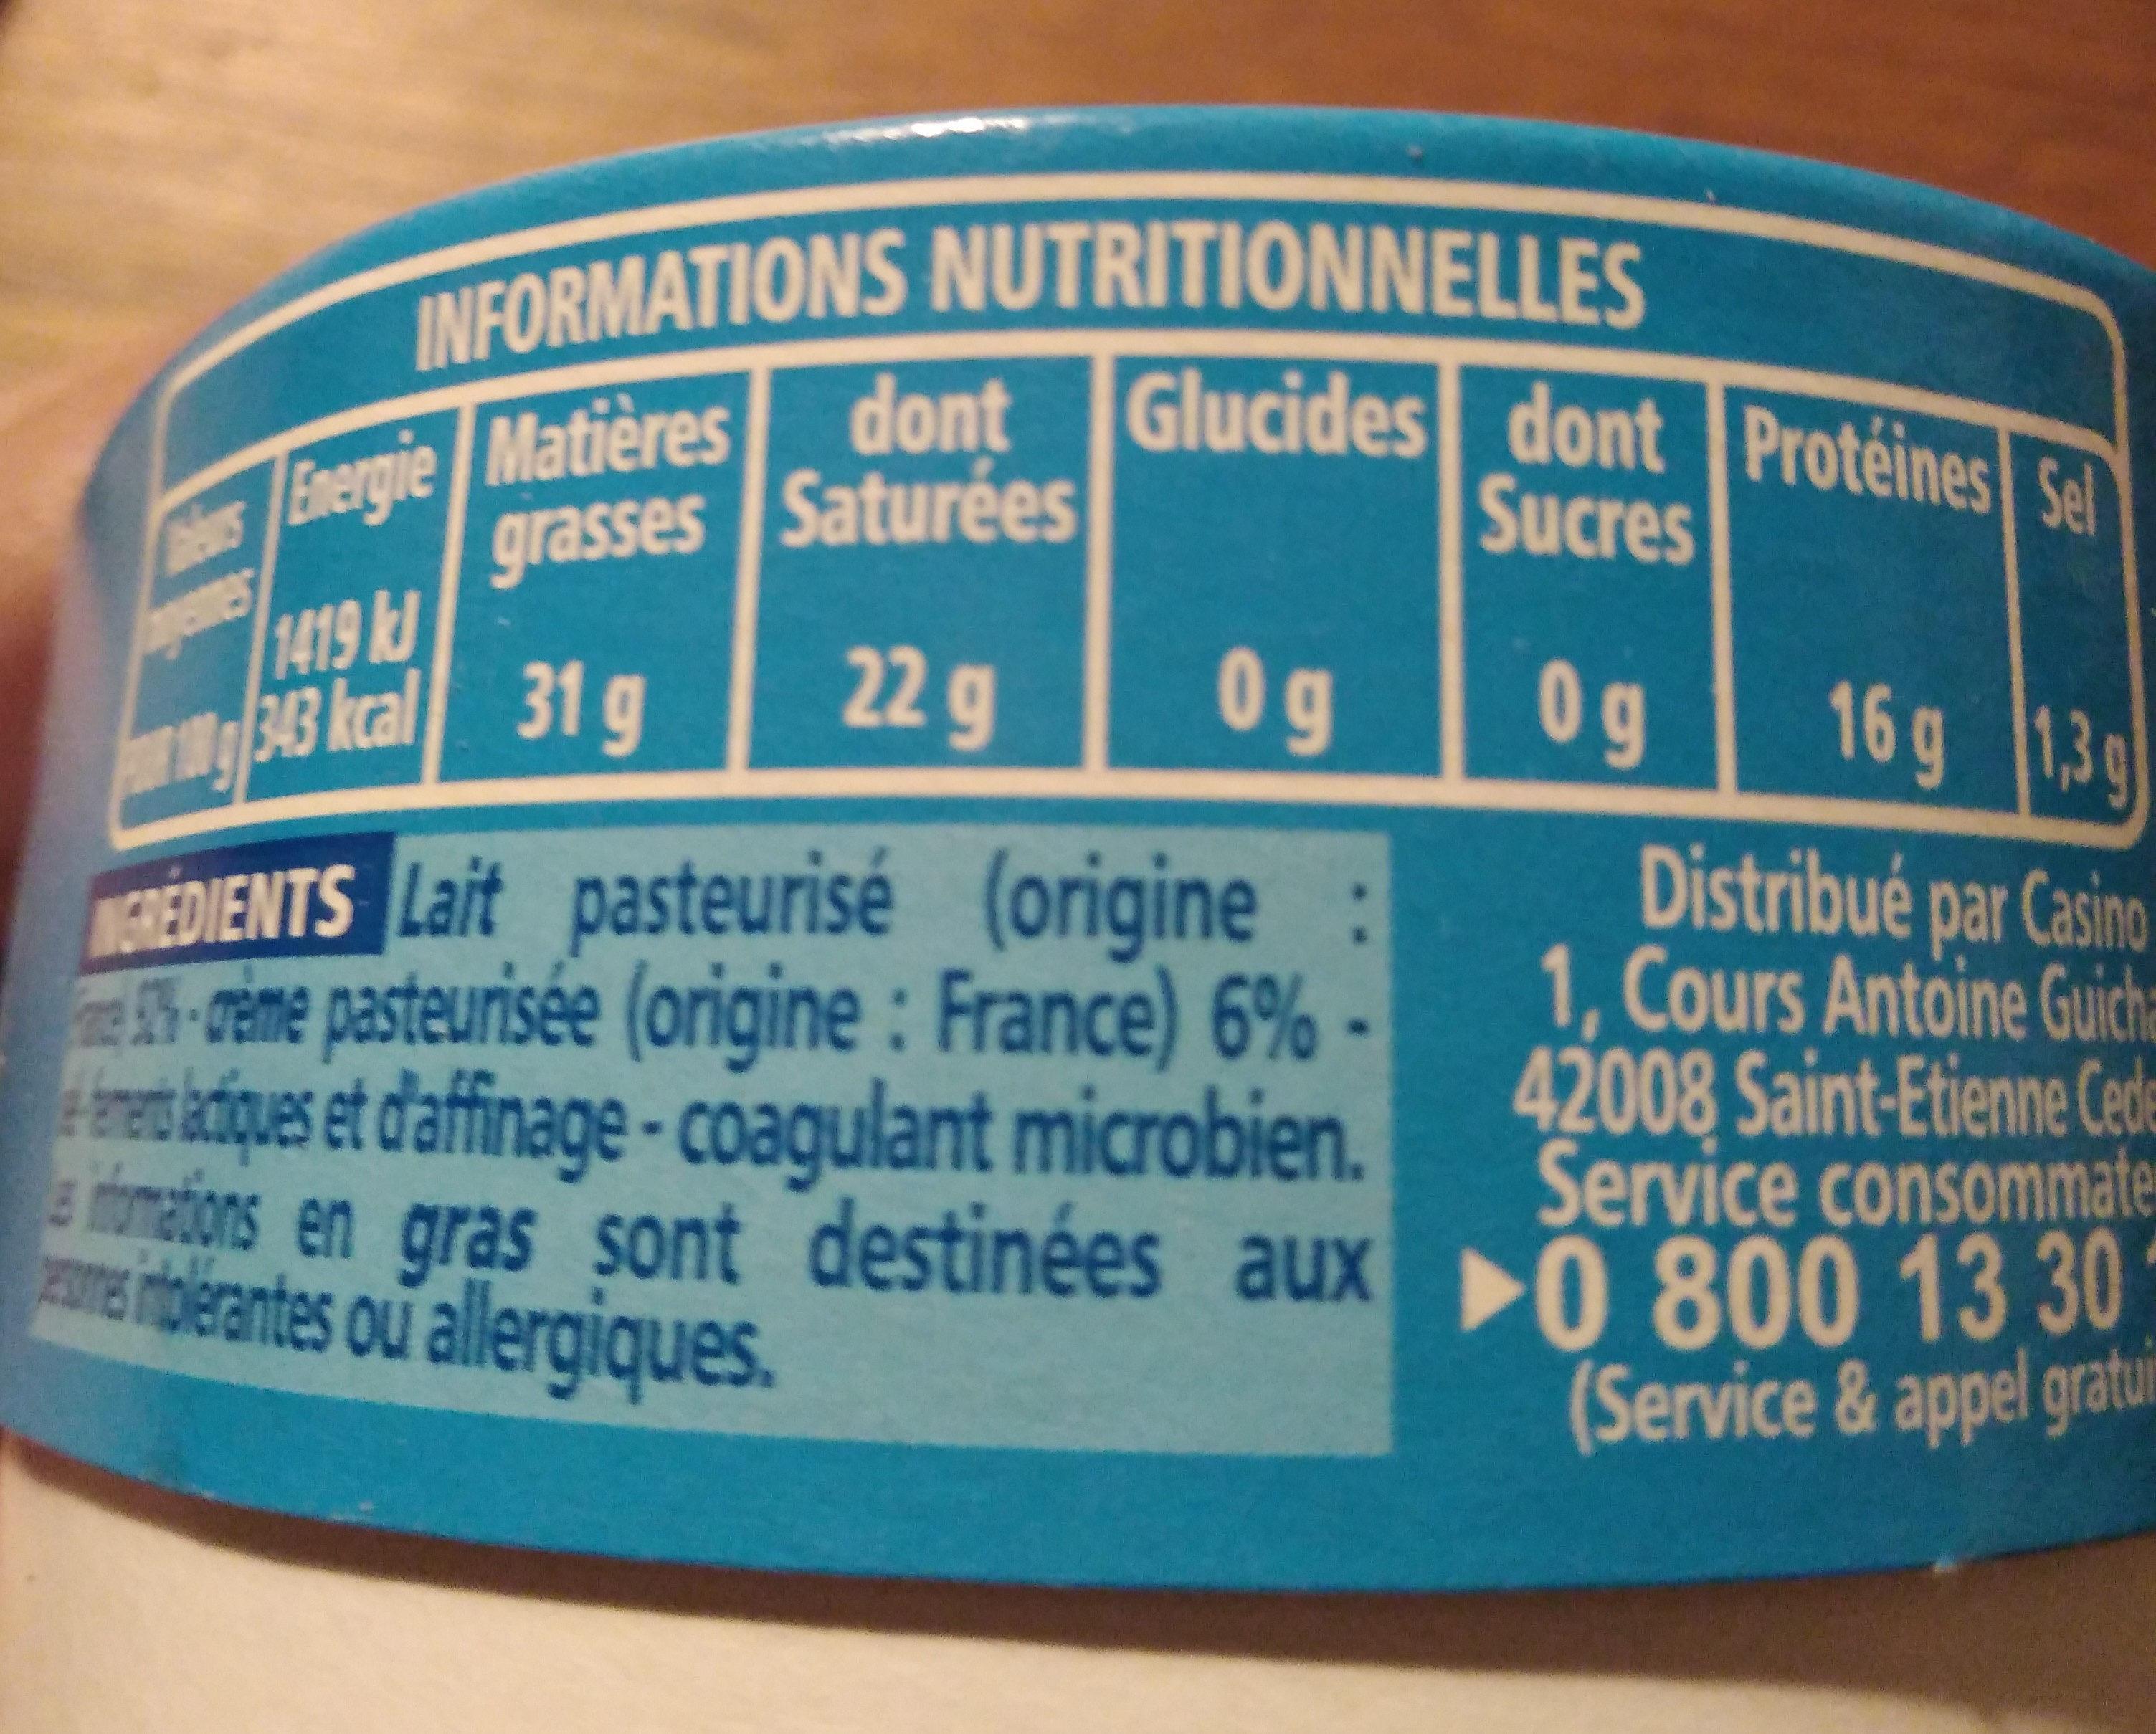 Le Crémeux - Fromage au coeur tendre et onctueux - Nutrition facts - fr